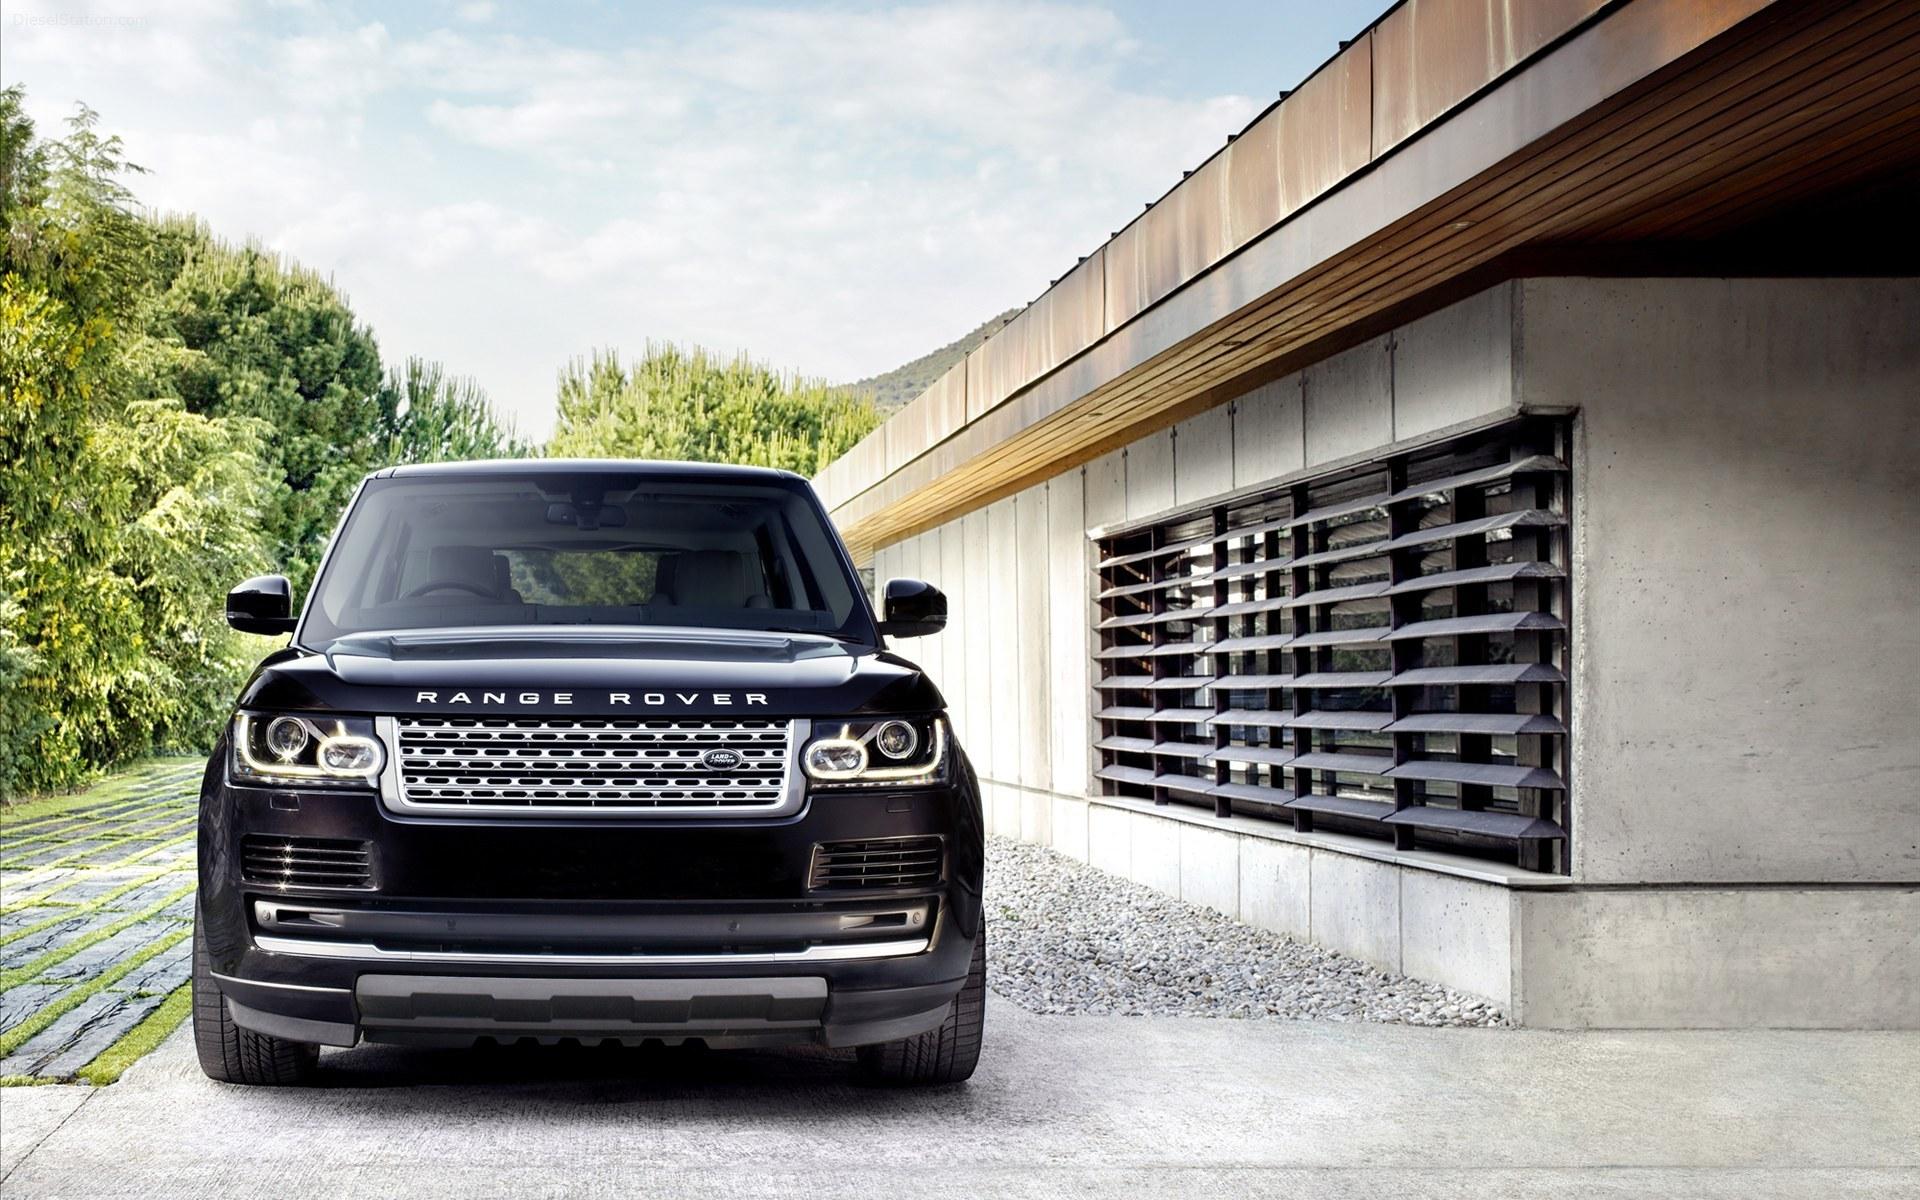 22224 скачать обои Транспорт, Машины, Рендж Ровер (Range Rover) - заставки и картинки бесплатно